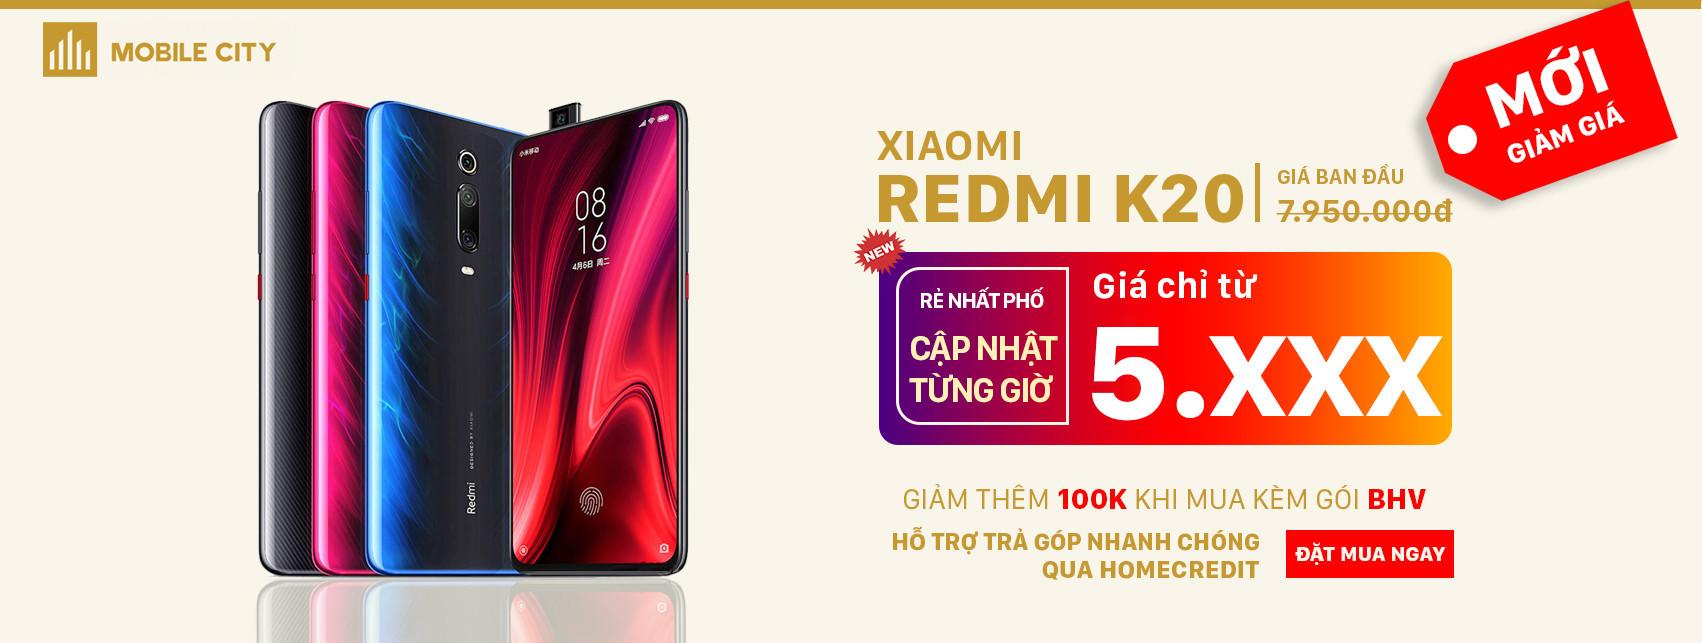 Đặt hàng Xiaomi Redmi K20